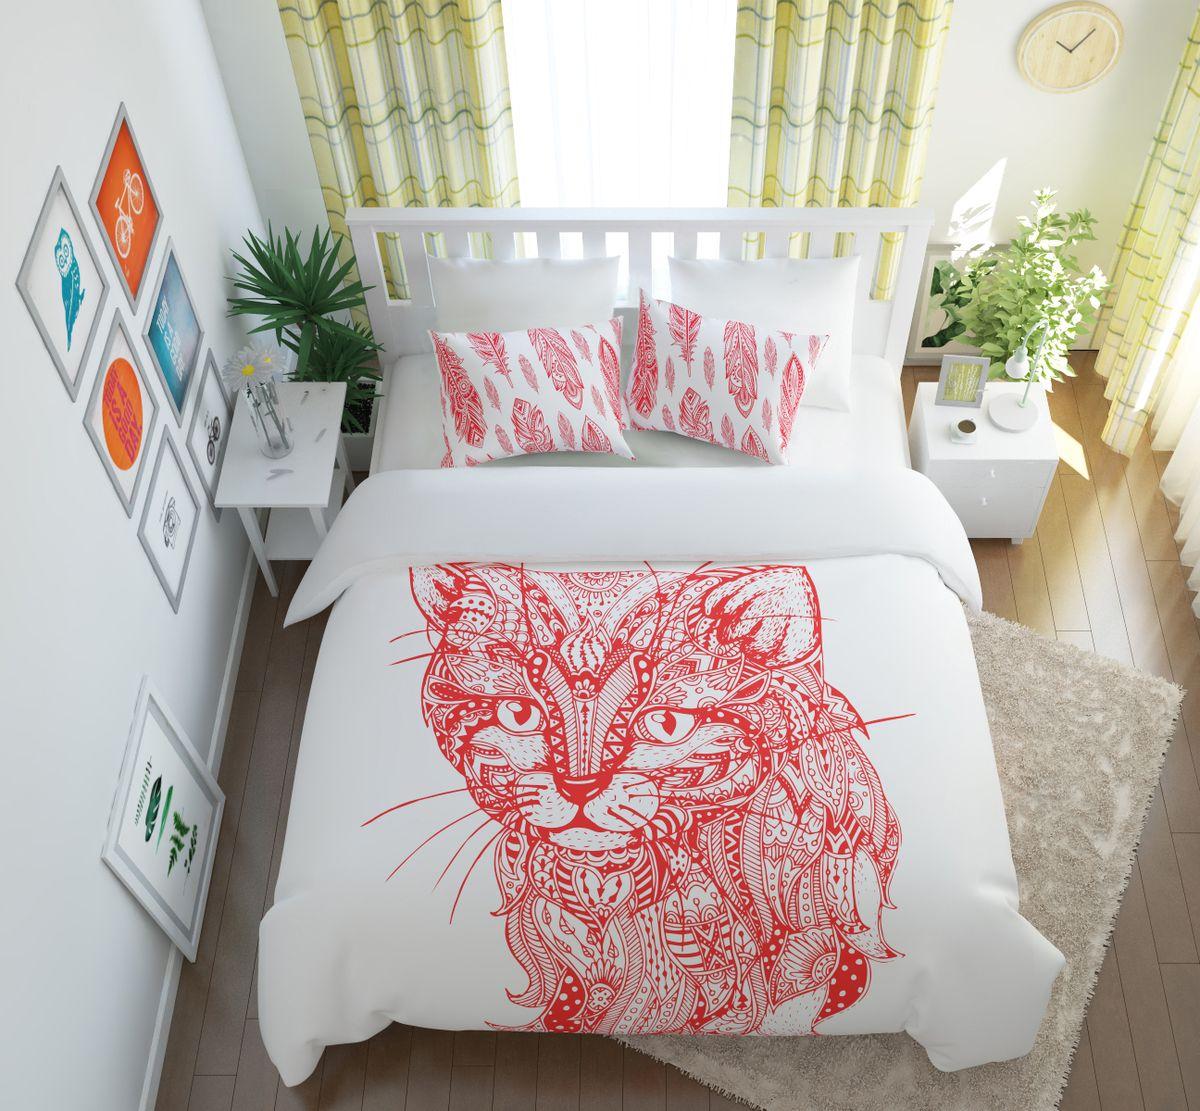 Комплект белья Сирень Волшебный кот, семейный, наволочки 50х70, 70х70S03301004Комплект постельного белья Сирень выполнен из прочной и мягкой ткани. Четкий и стильный рисунок в сочетании с насыщенными красками делают комплект постельного белья неповторимой изюминкой любого интерьера.Постельное белье идеально подойдет для подарка. Идеальное соотношение смешенной ткани и гипоаллергенных красок - это гарантия здорового, спокойного сна. Ткань хорошо впитывает влагу, надолго сохраняет яркость красок.В комплект входят: простынь, пододеяльник, четыре наволочки. Постельное белье легко стирать при 30-40°С, гладить при 150°С, не отбеливать. Рекомендуется перед первым использованием постирать.УВАЖАЕМЫЕ КЛИЕНТЫ! Обращаем ваше внимание, что цвет простыни, пододеяльника, наволочки в комплектации может немного отличаться от представленного на фото.